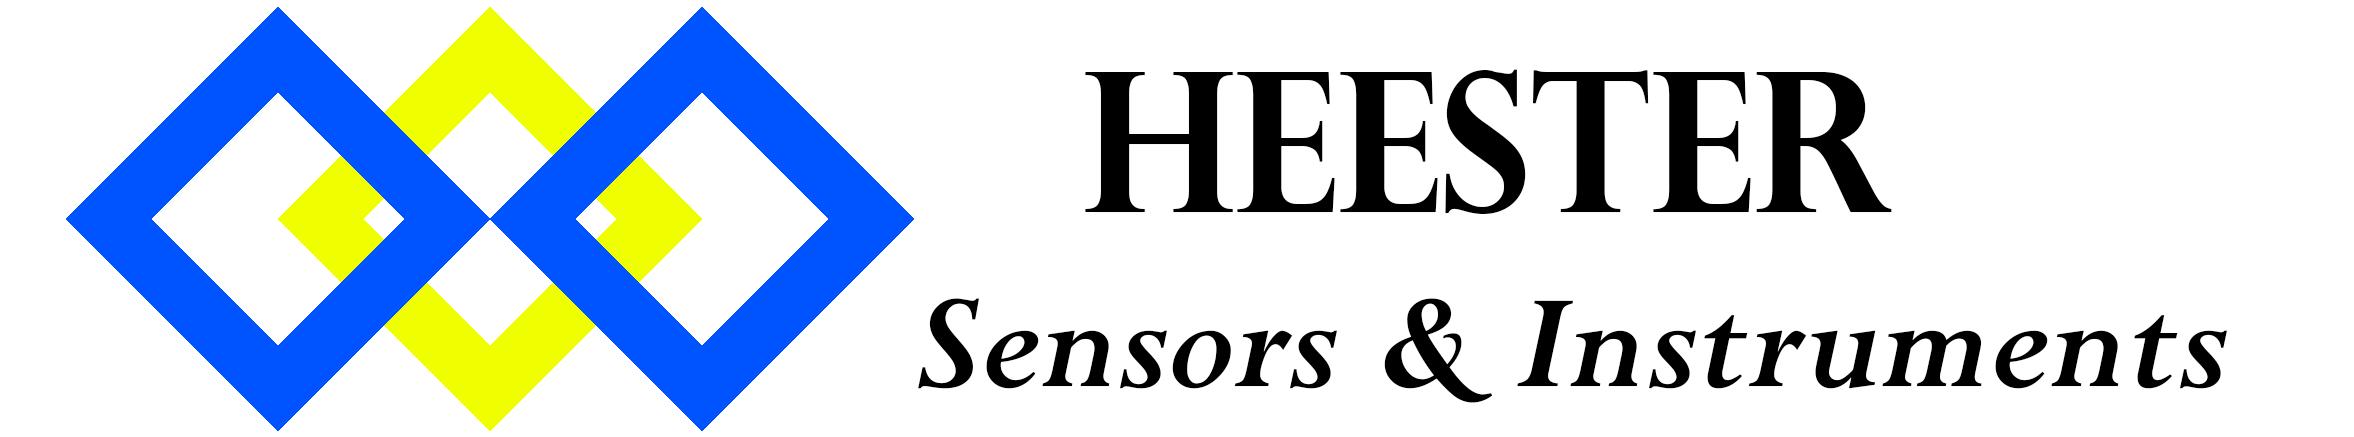 Heester Sensors & Instruments